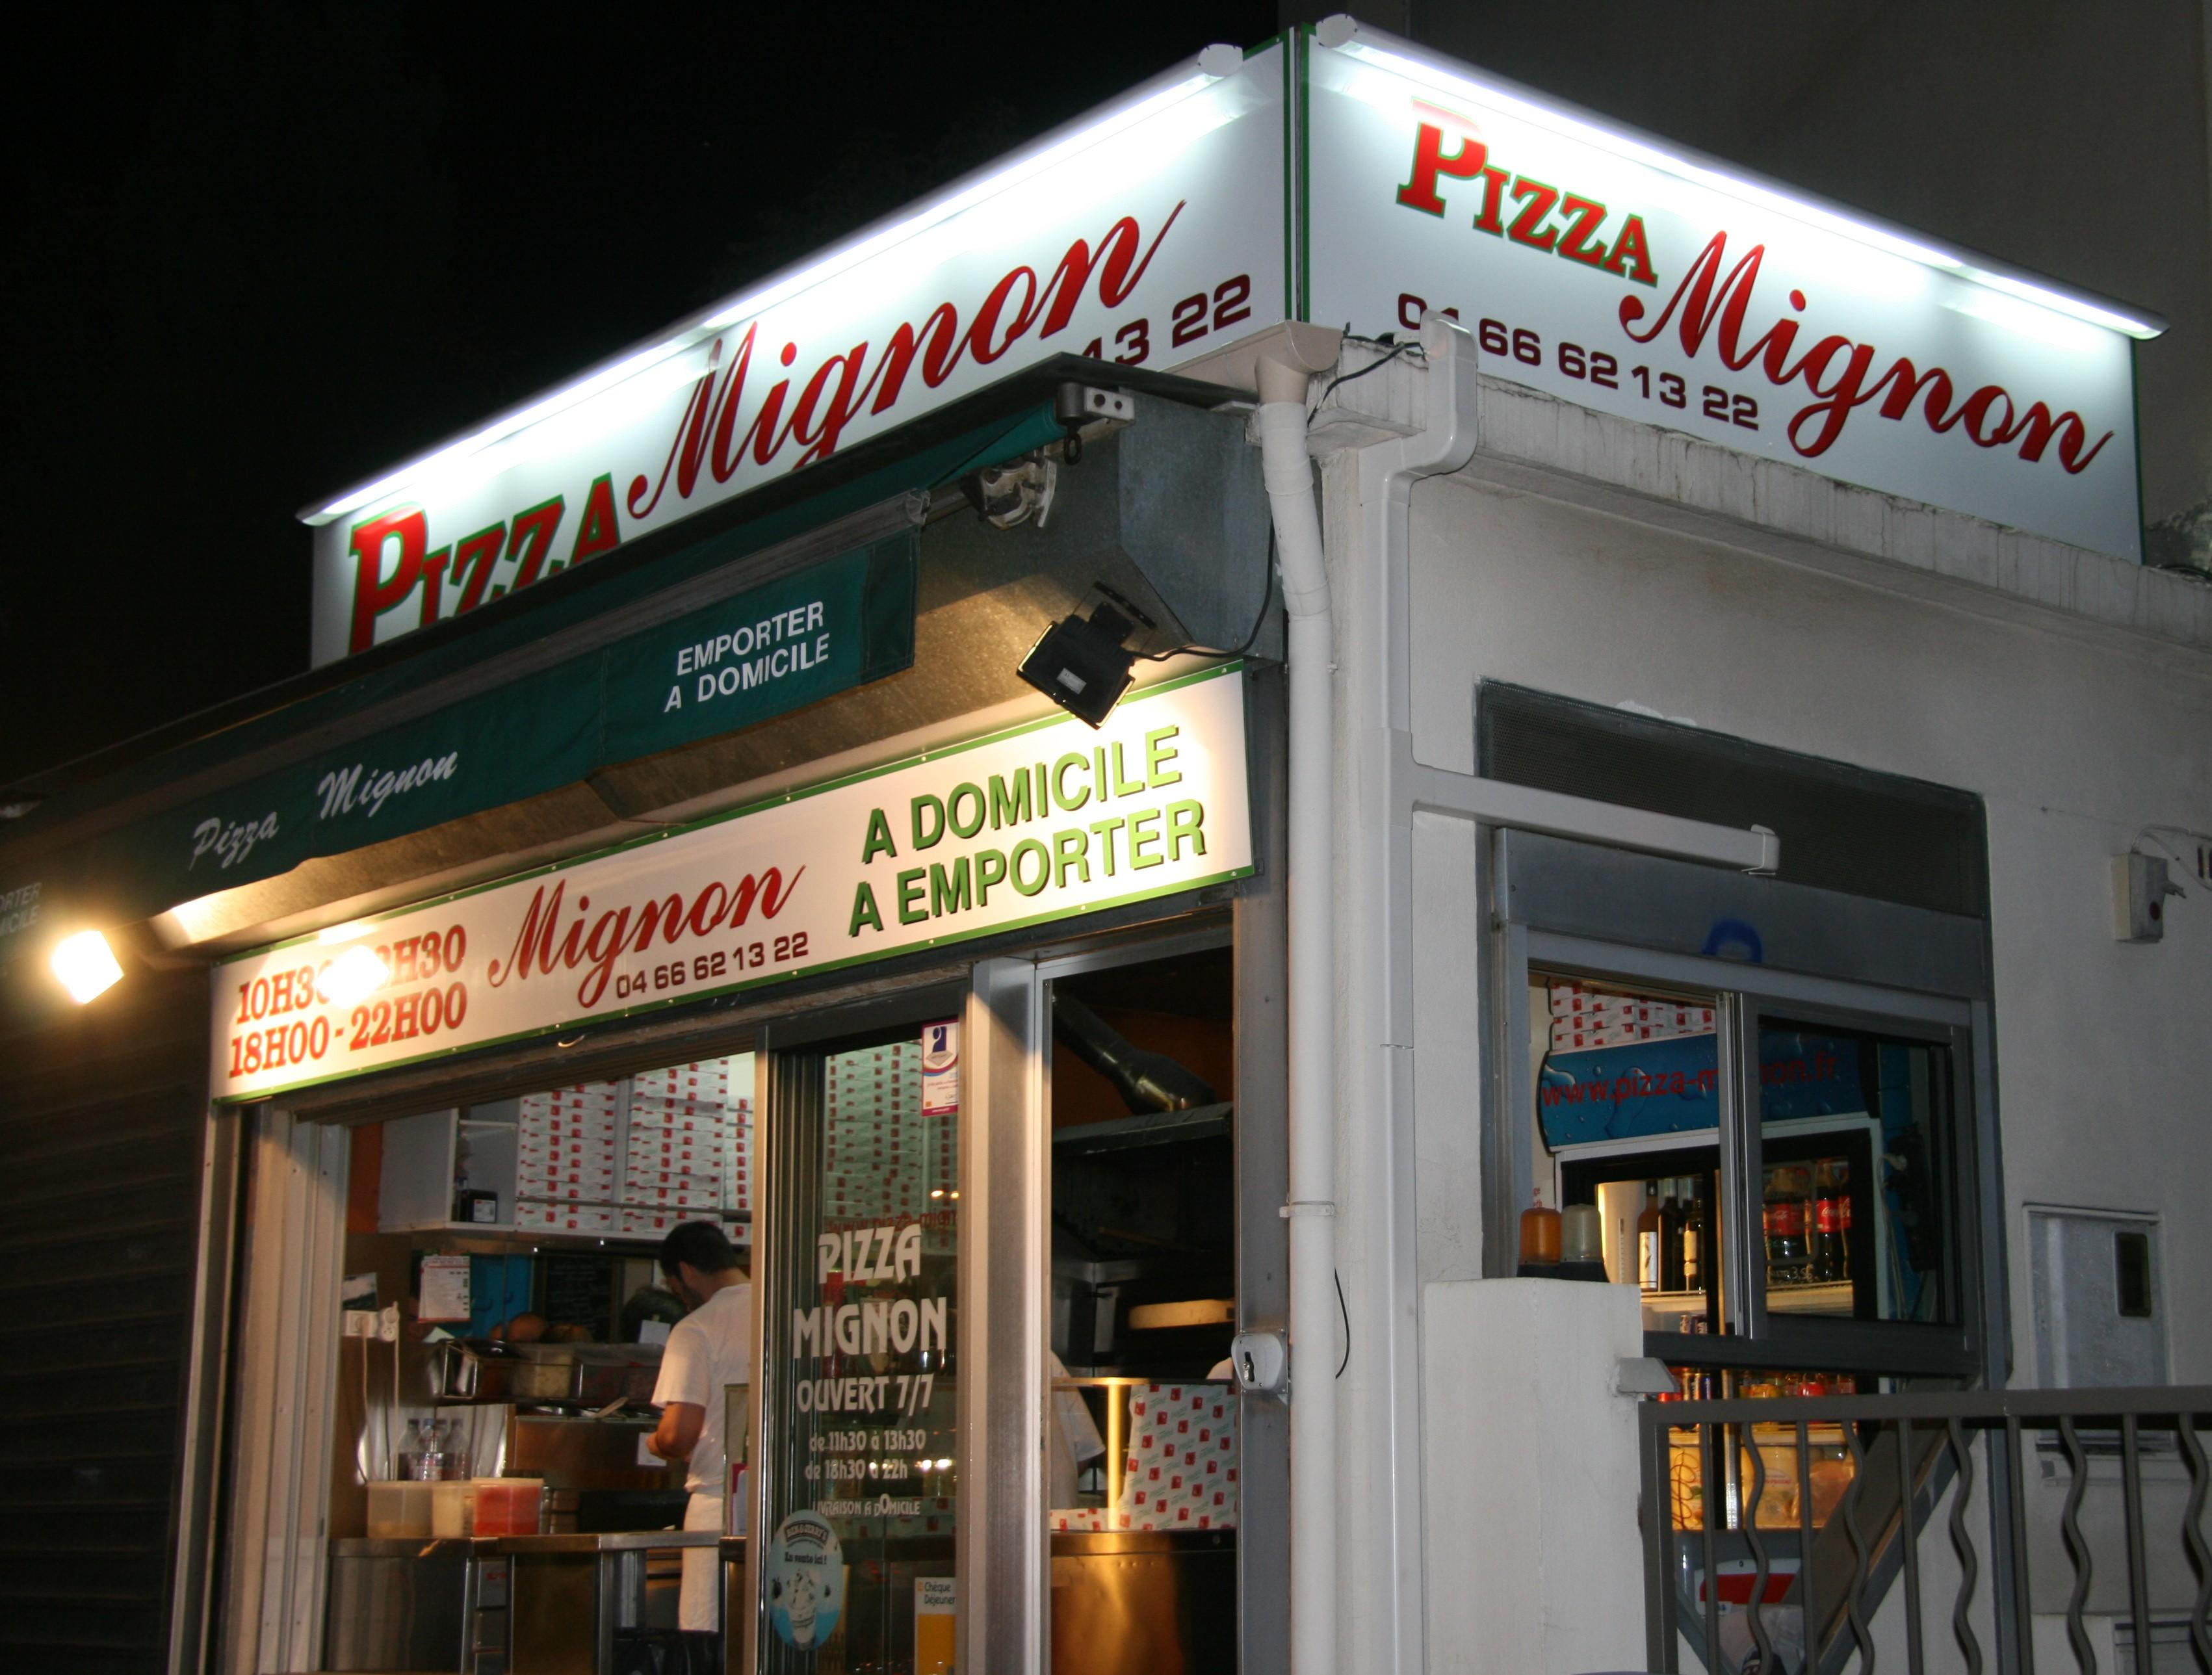 pizza-mignon-Nimes 10-2016-4